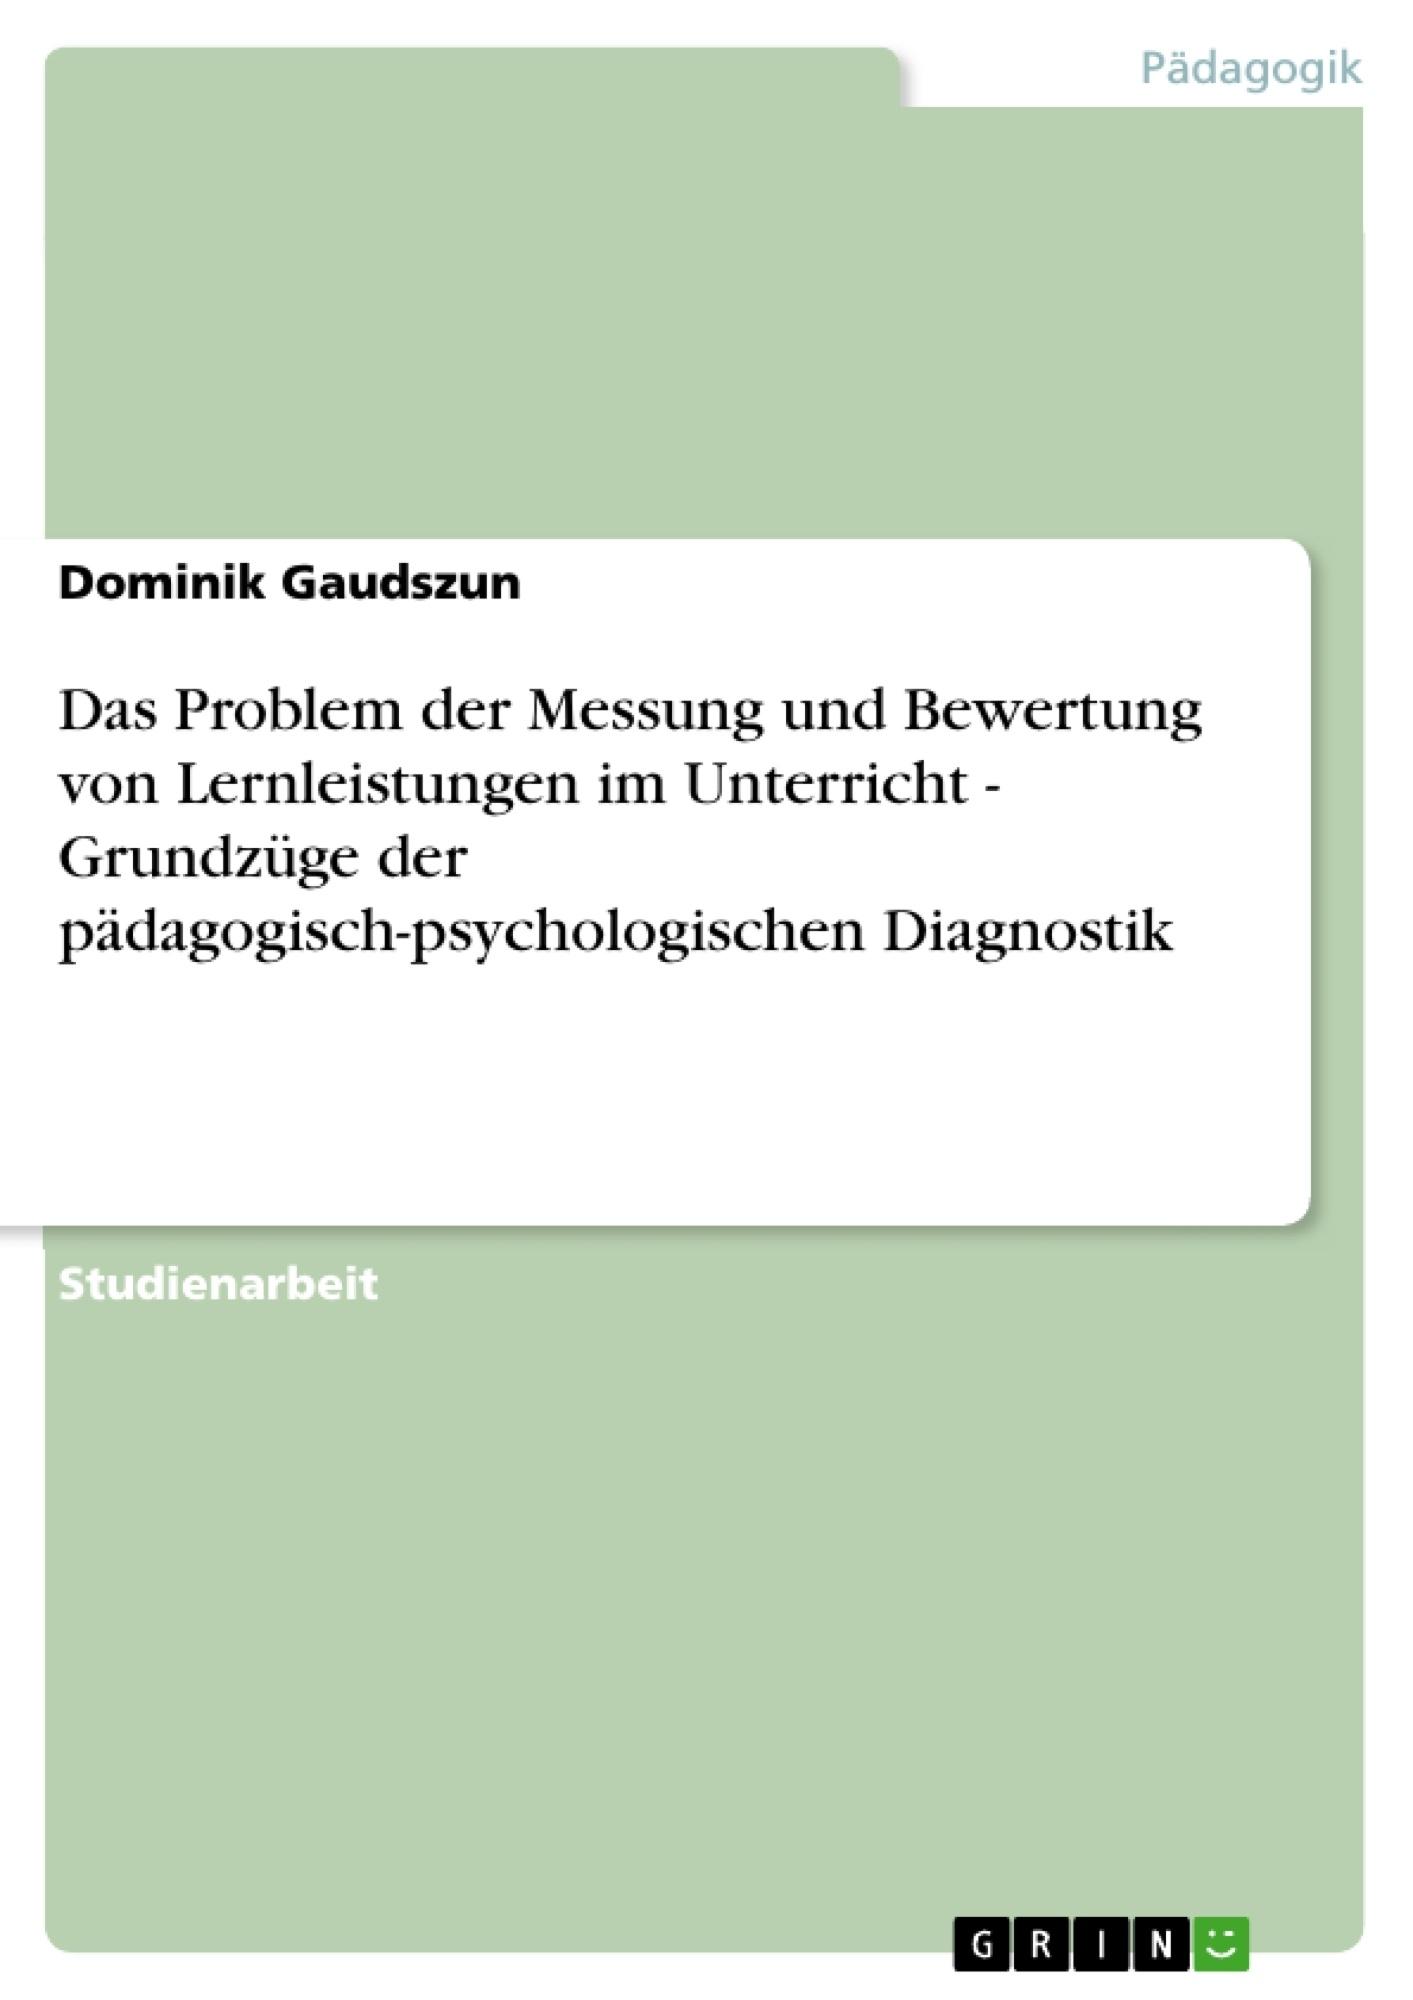 Titel: Das Problem der Messung und Bewertung von Lernleistungen im Unterricht - Grundzüge der pädagogisch-psychologischen Diagnostik